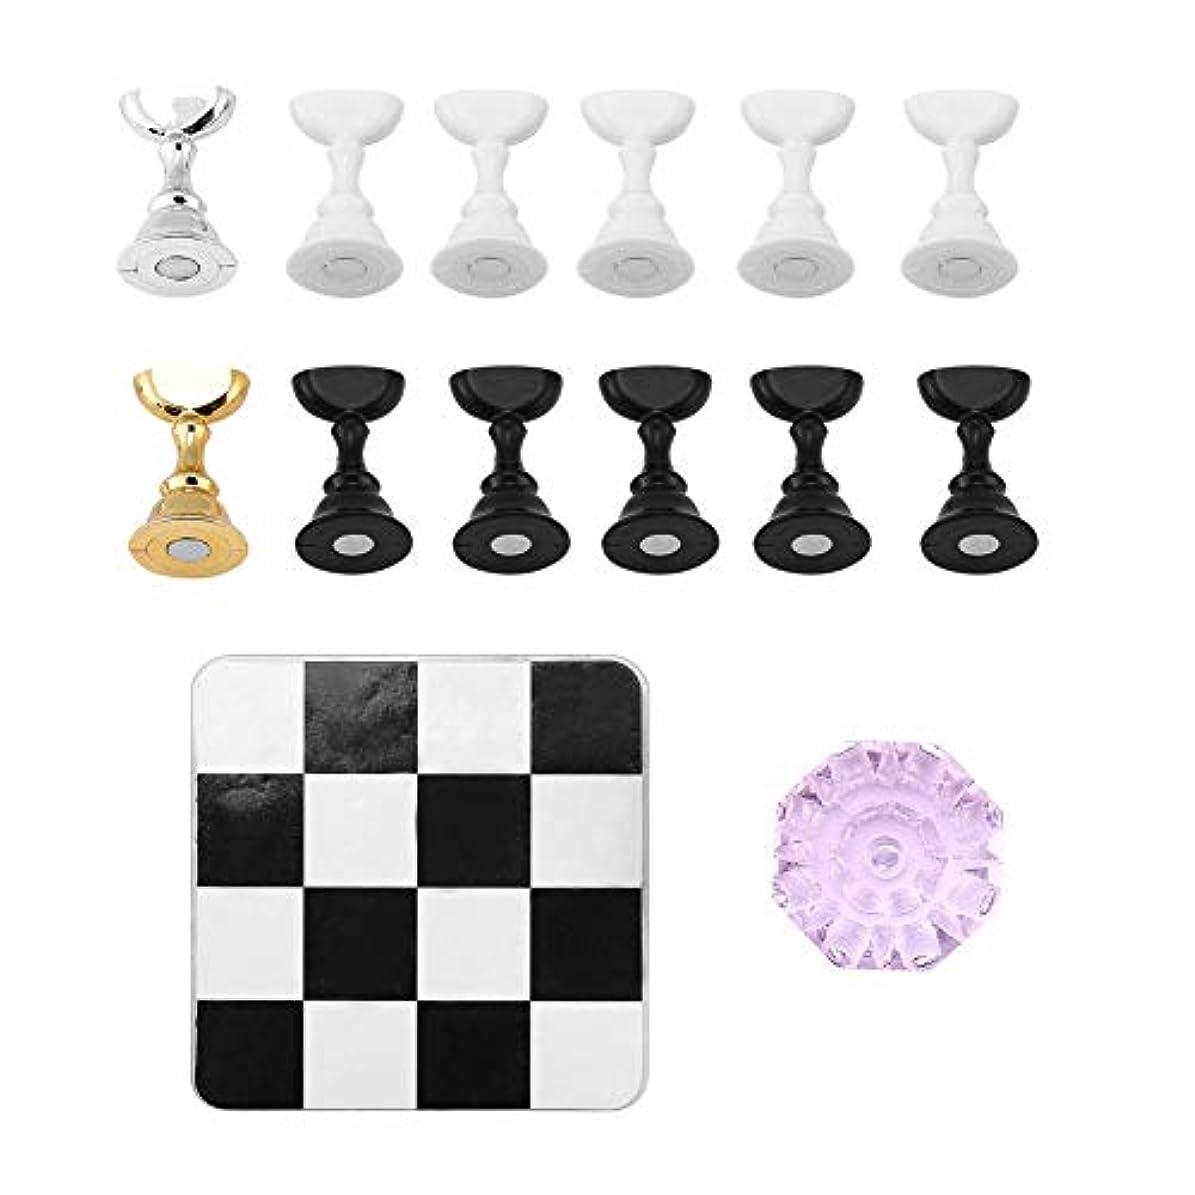 物理学者デモンストレーション博物館TOPINCN チェス盤 磁気 ネイルアートディスプレイ ネイルスタンド ネイルホルダー 練習用スタンド クリスタルベース